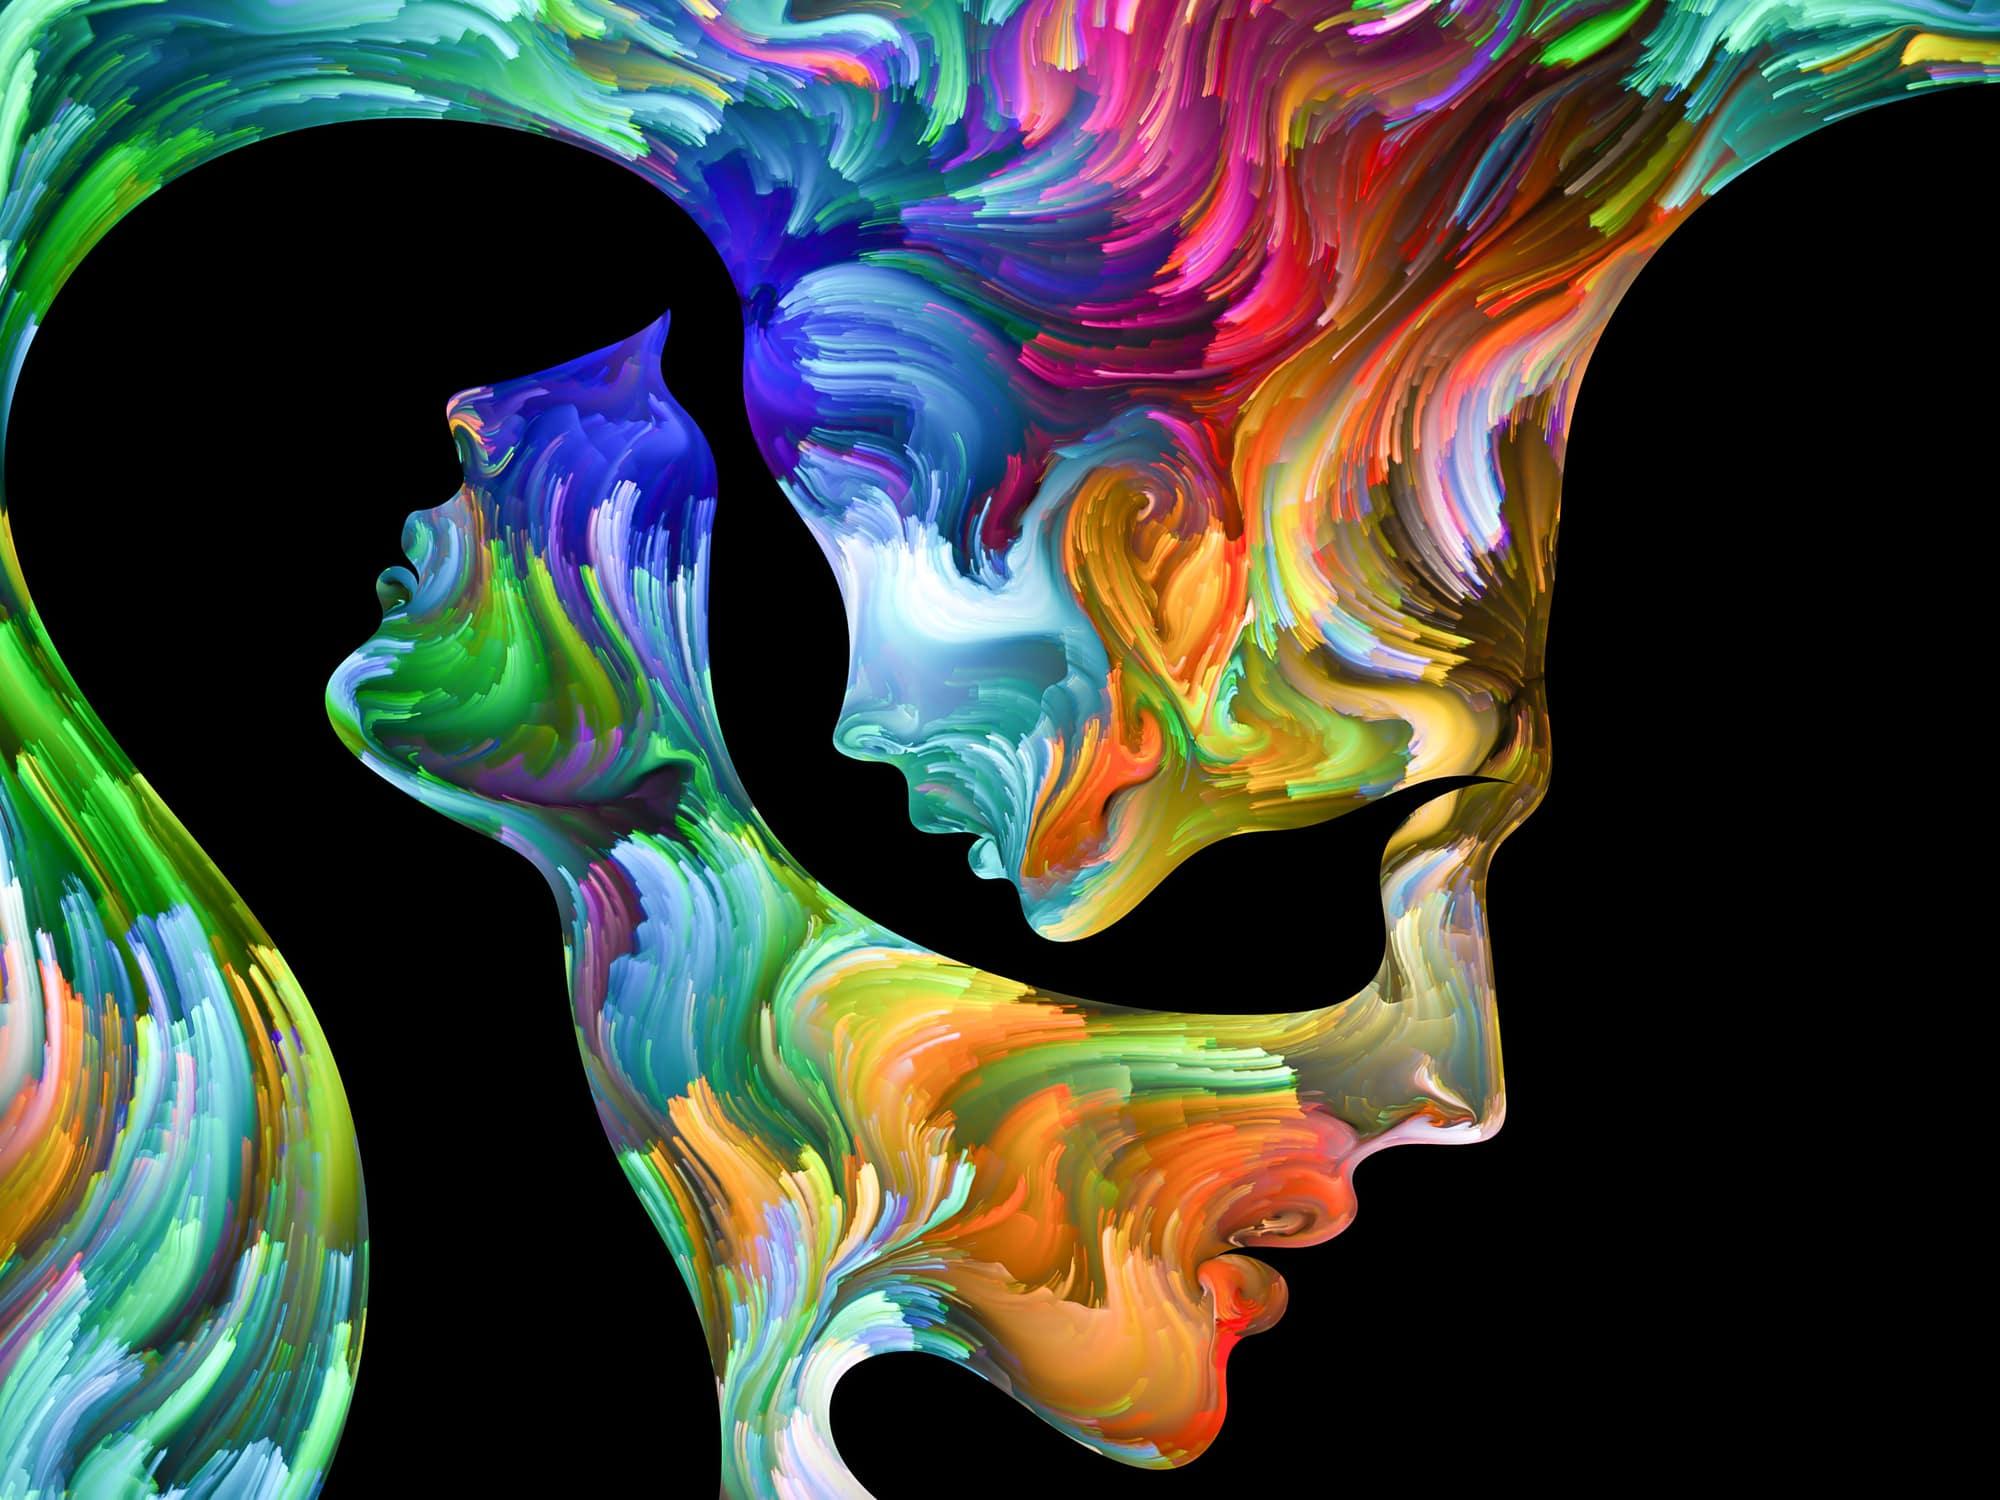 Farbpsychologie Vorschau